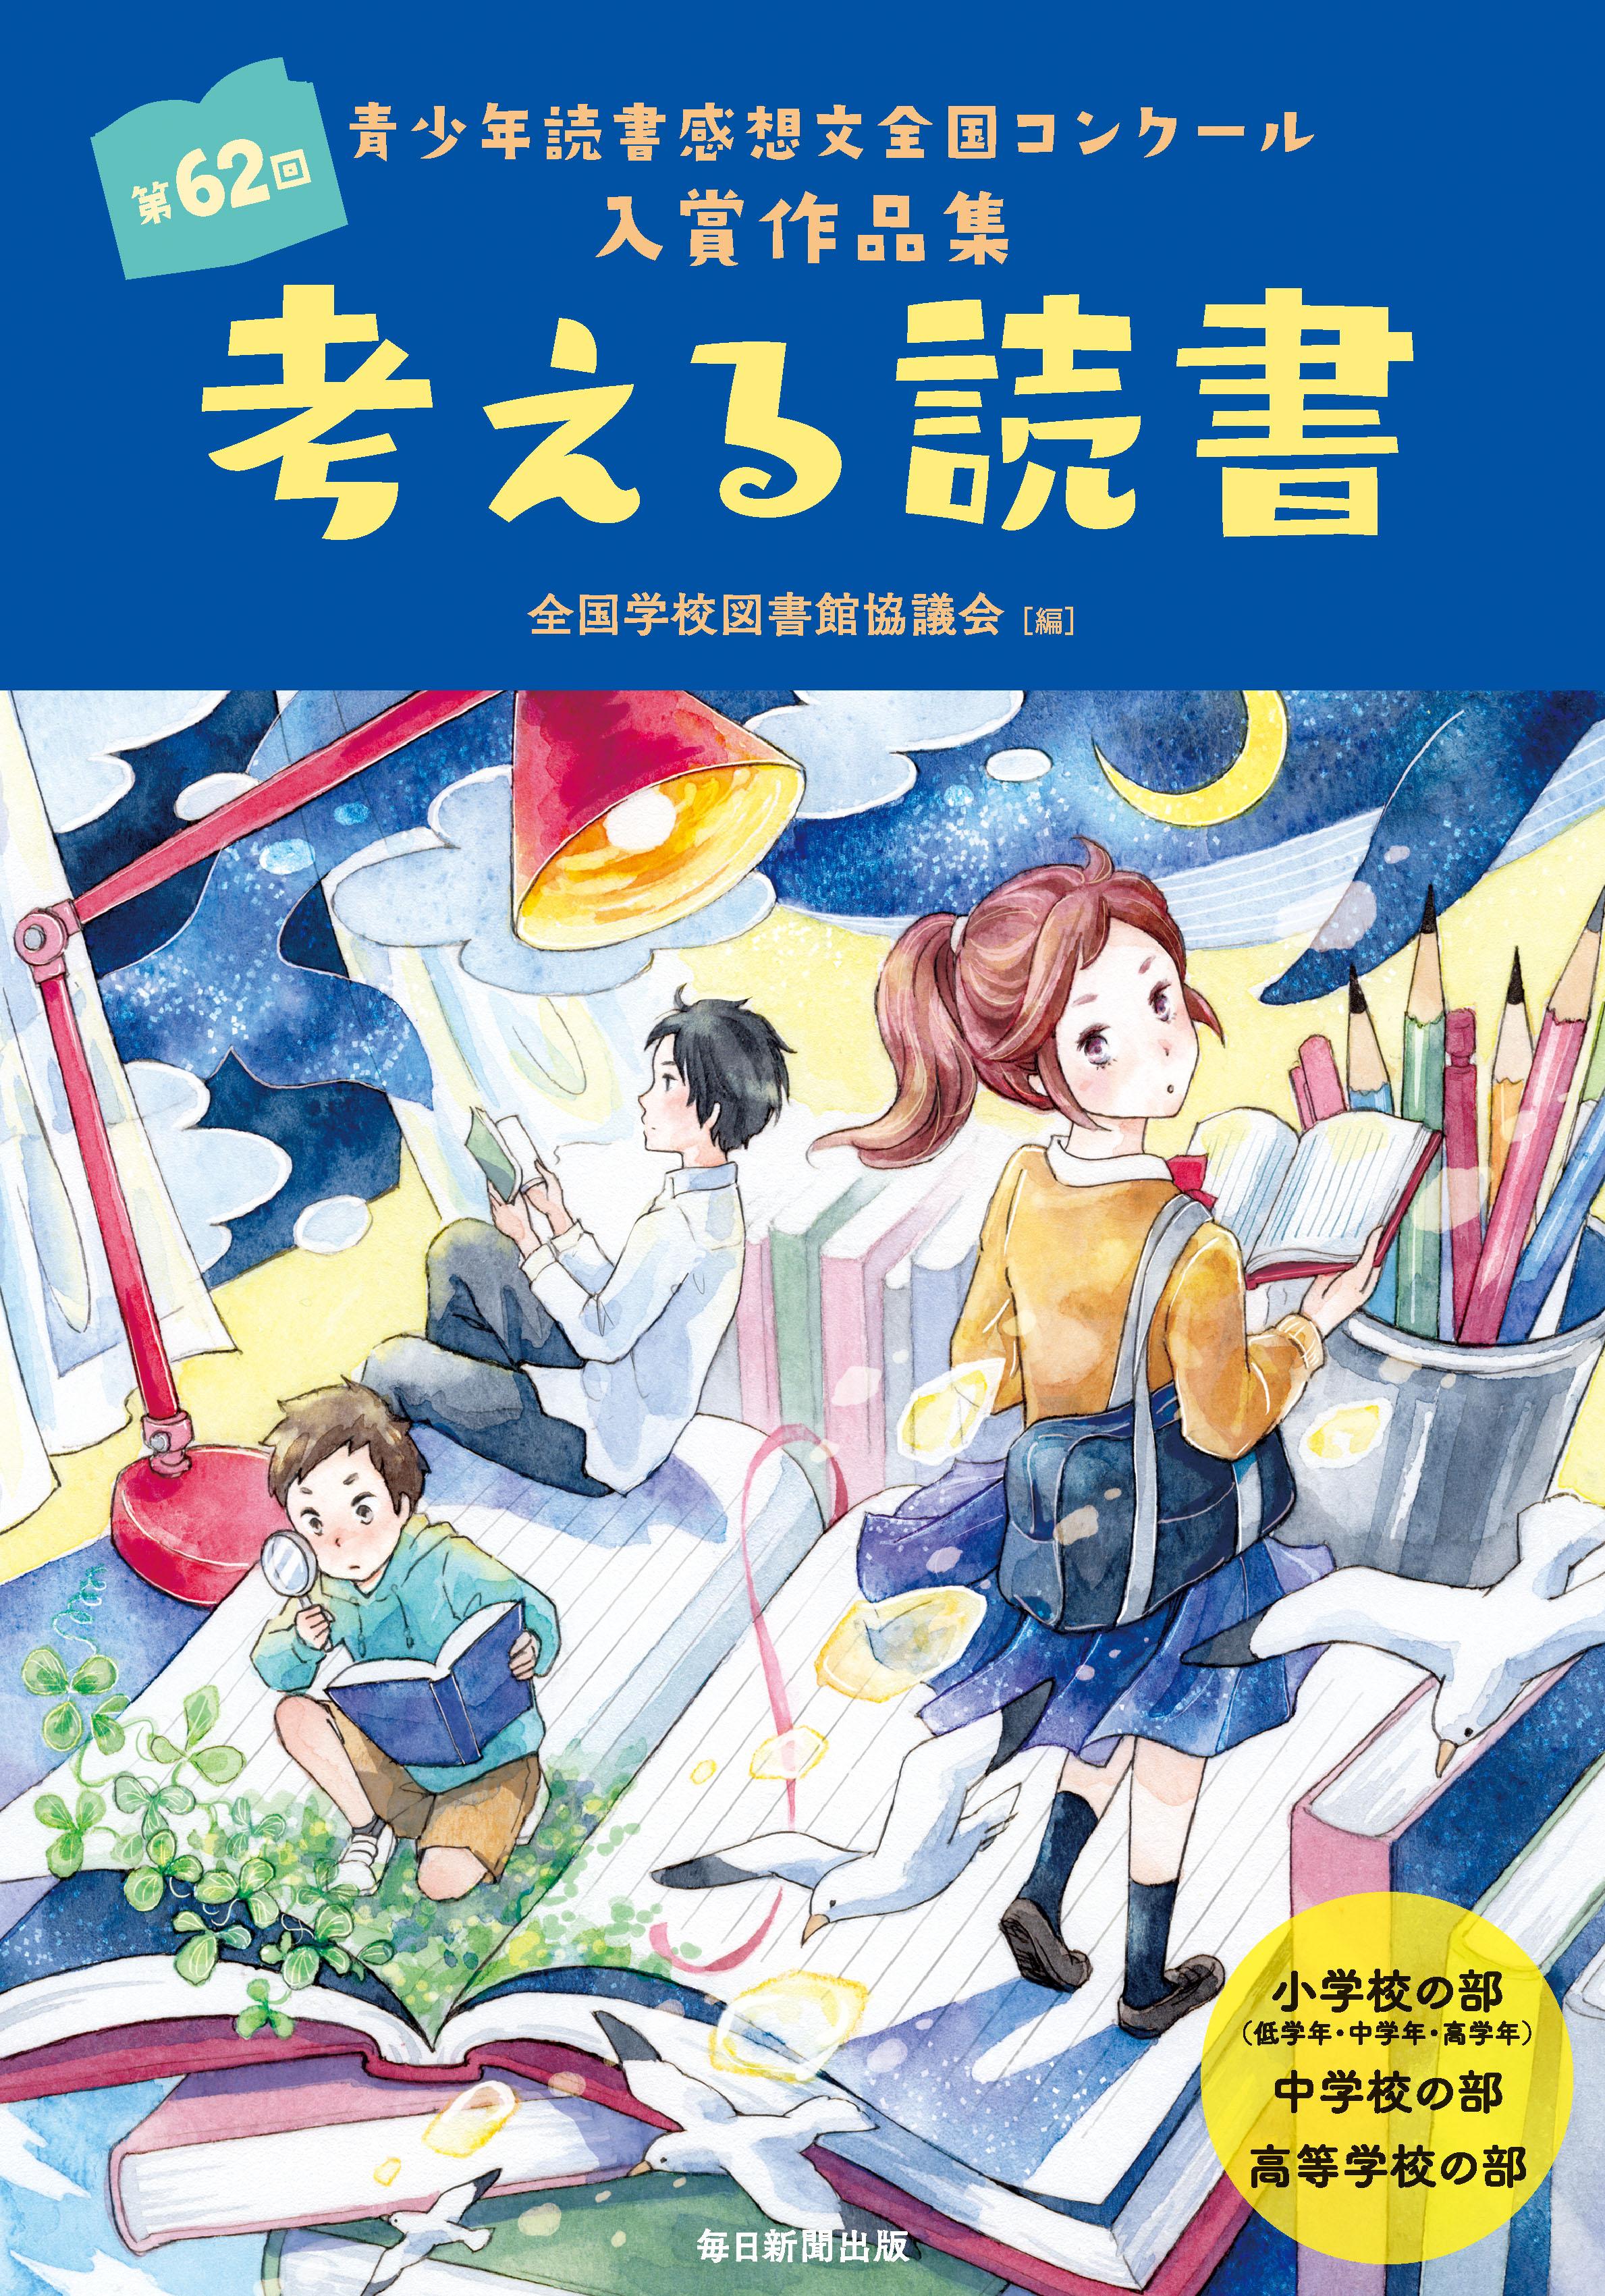 書影:考える読書 第62回青少年読書感想文全国コンクール入賞作品集